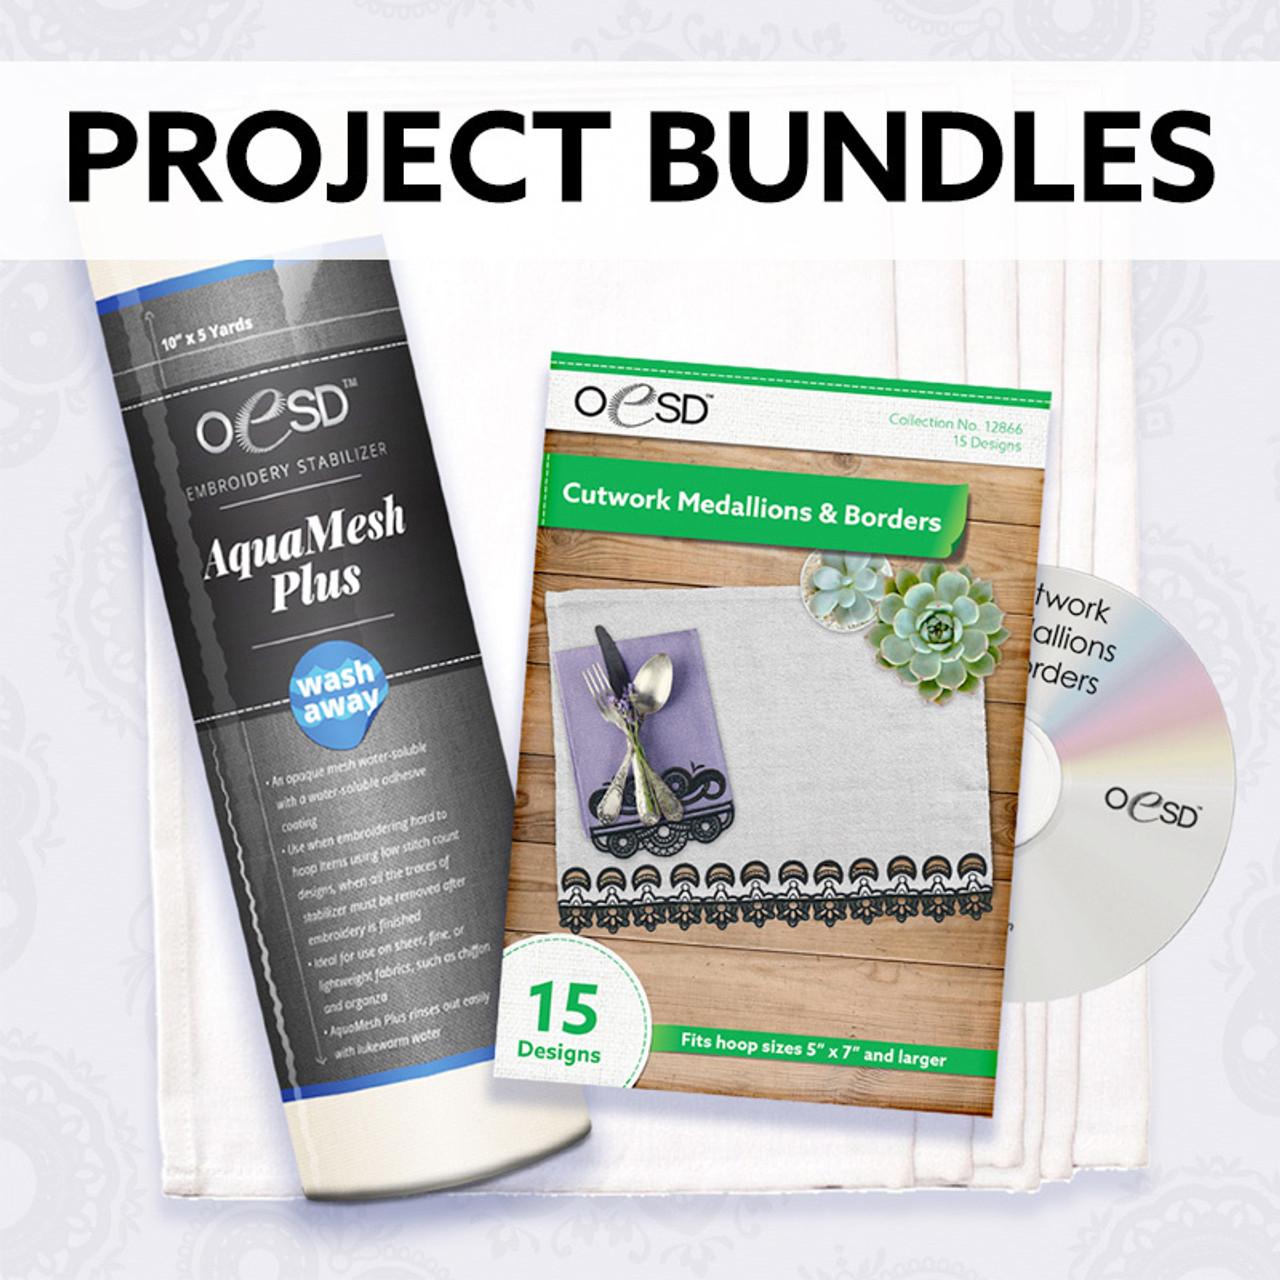 Project Bundles